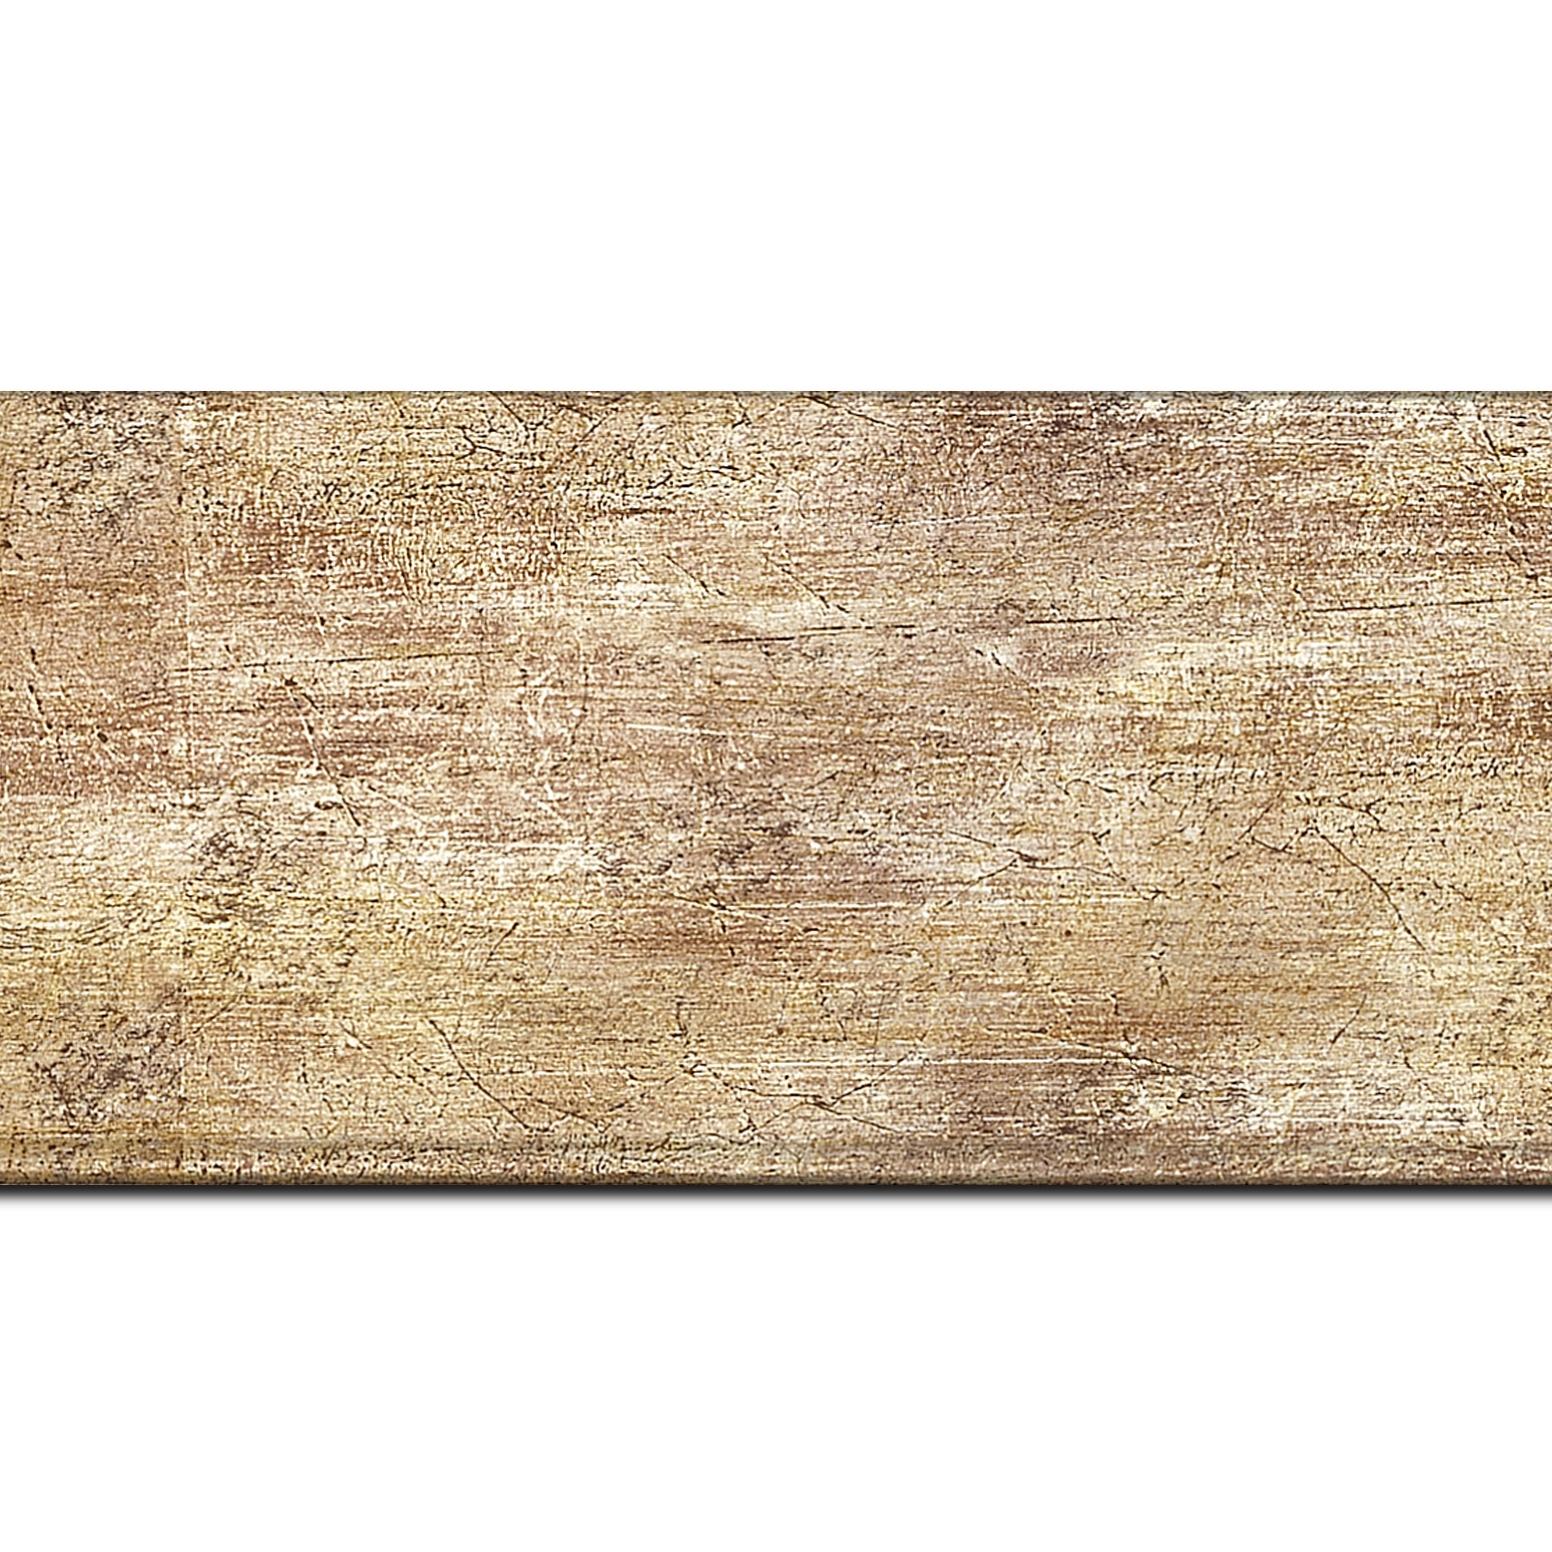 Baguette longueur 1.40m bois profil plat largeur 8.1cm or contemporain